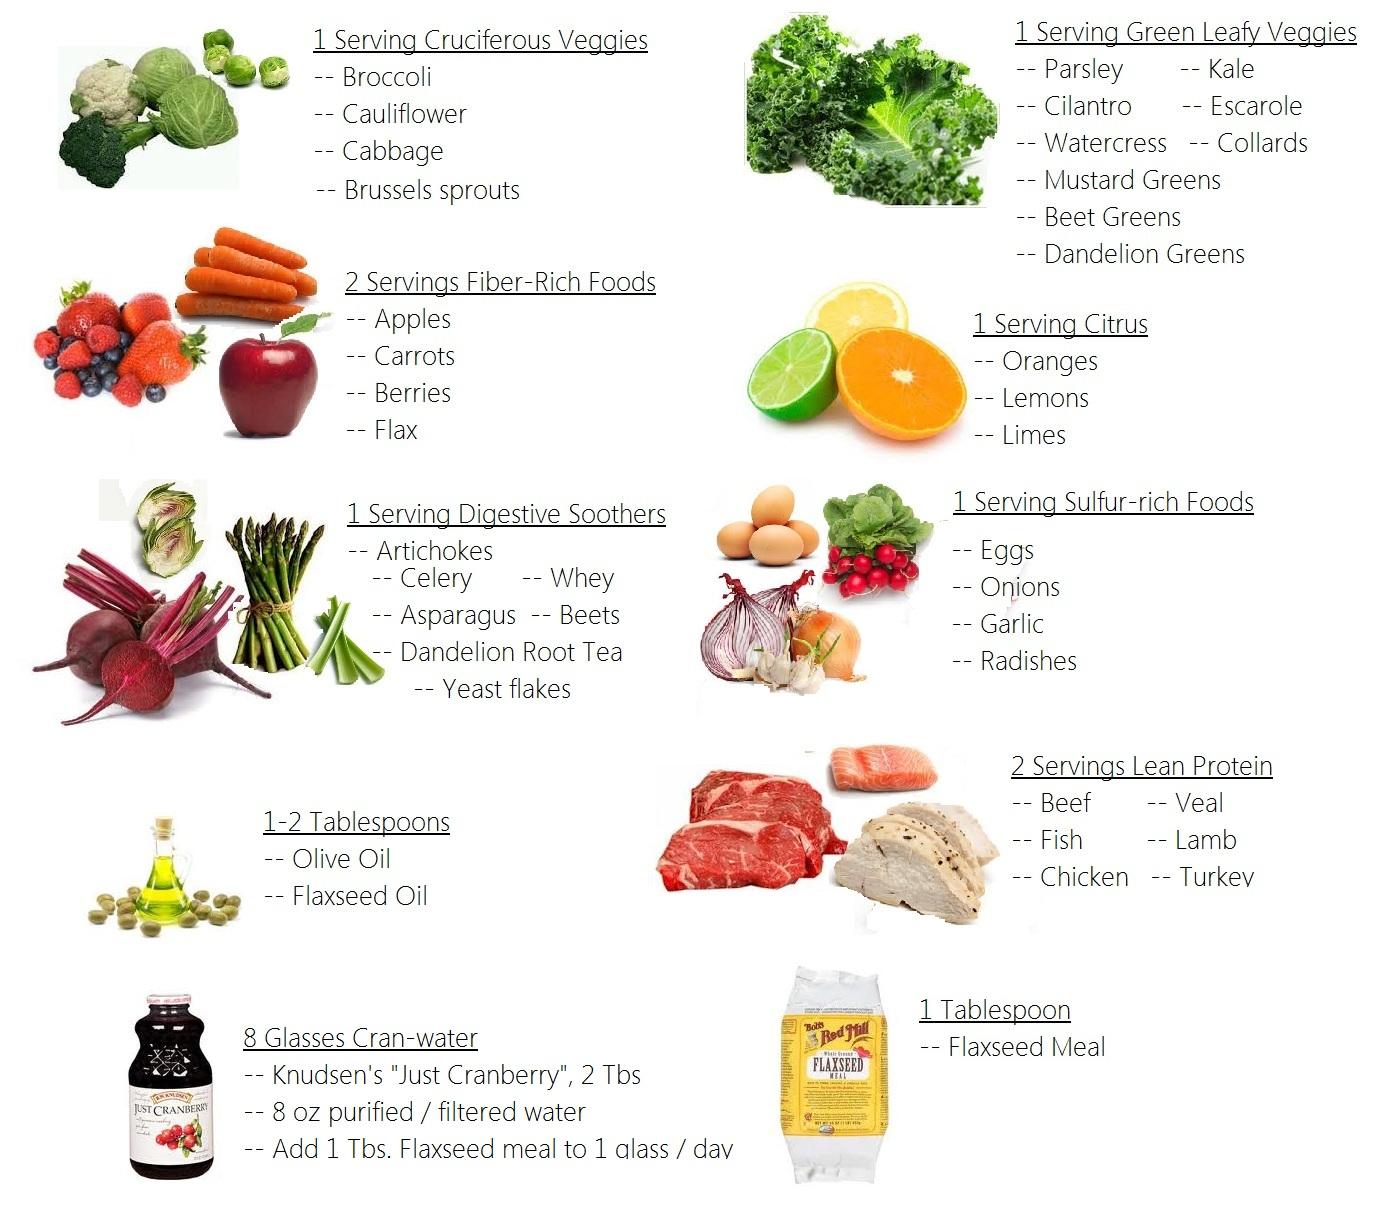 Fat free diet plan